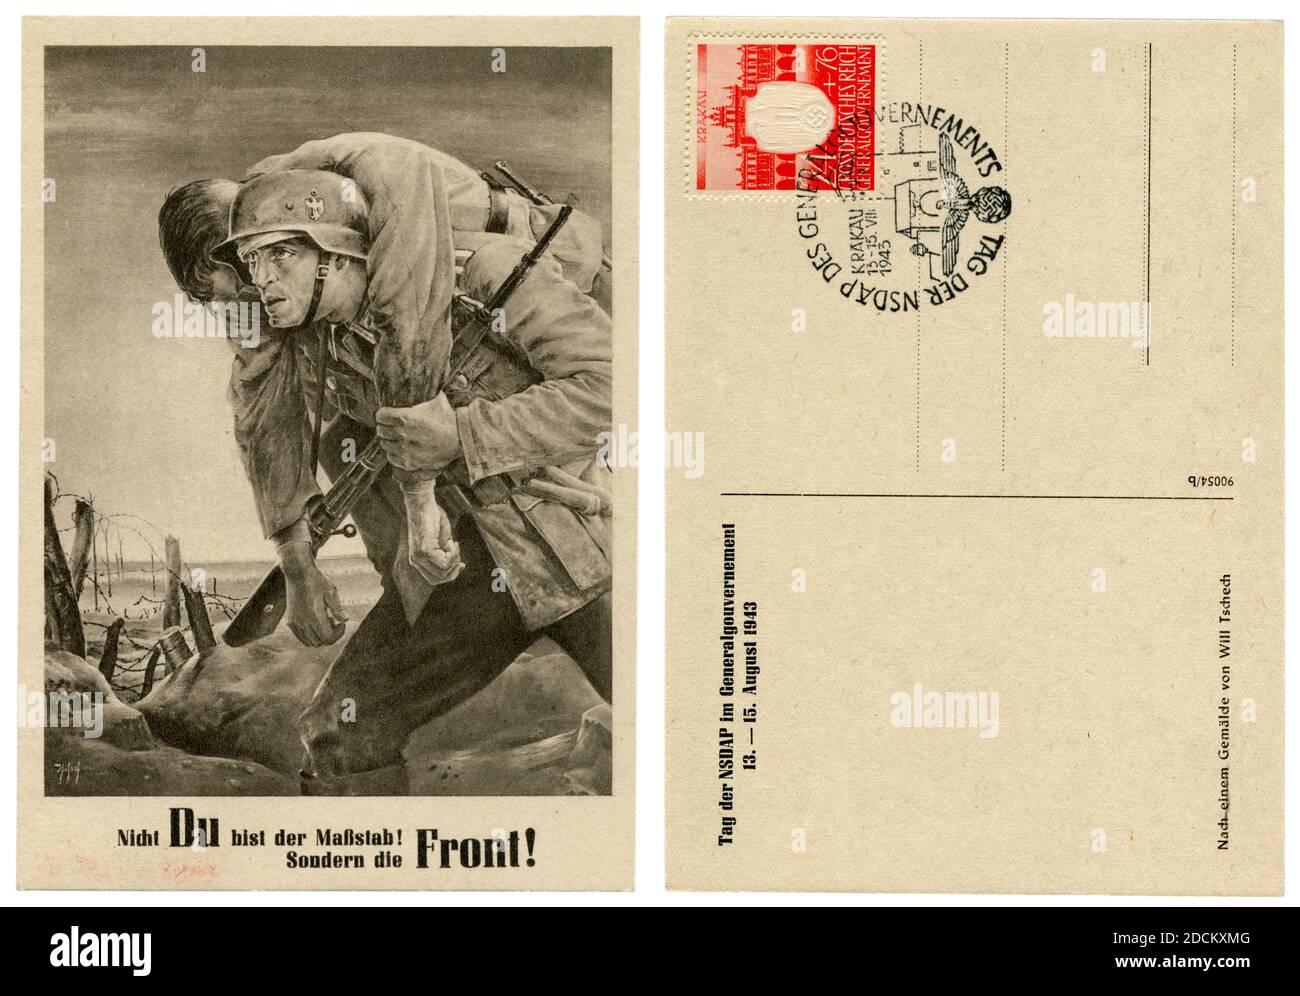 Carte postale historique allemande: 'Kameraden'. Le soldat sur la ligne de front porte un camarade blessé. Artiste will Tschech, 1943, Allemagne, troisième Reich Banque D'Images